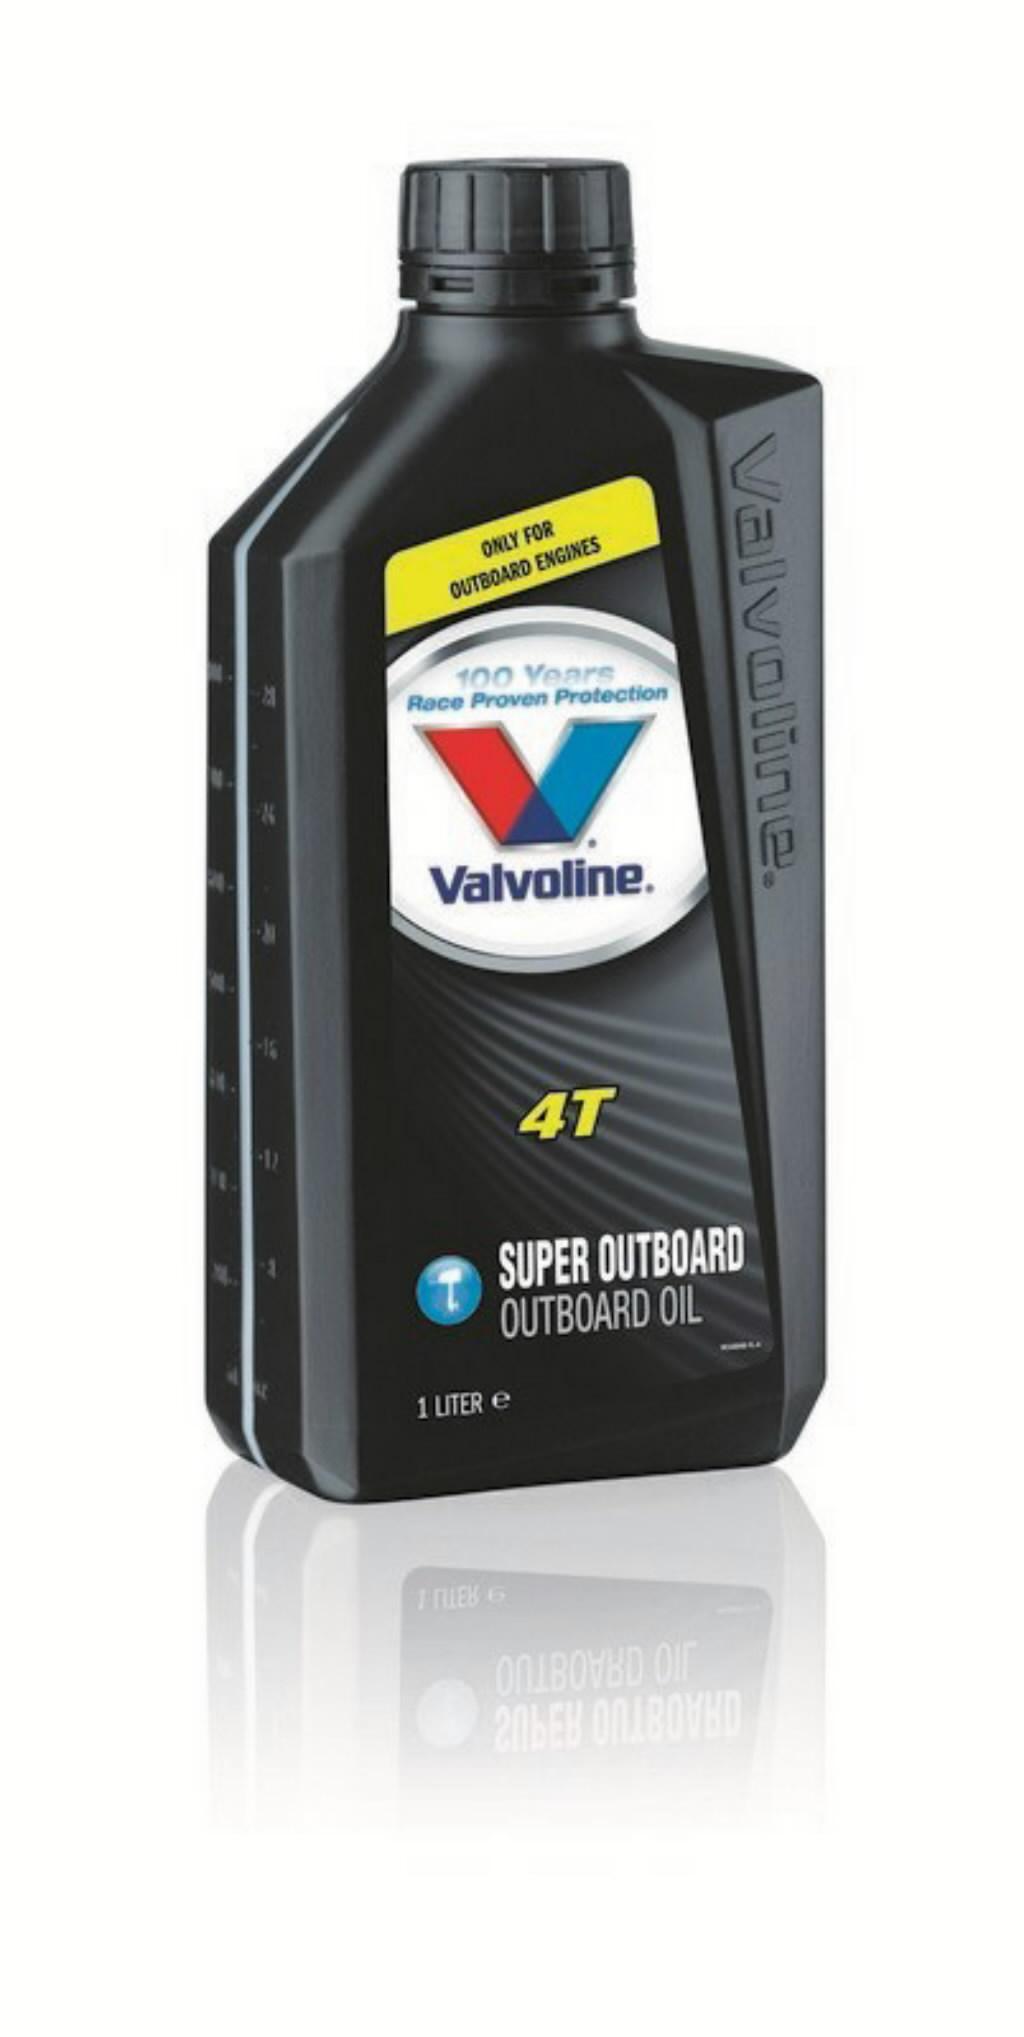 0208ed6c1f5 VALVOLINE 4T SUPER OUTBOARD PAADIMOOTORI 10W30 1L - Auto- ja ...